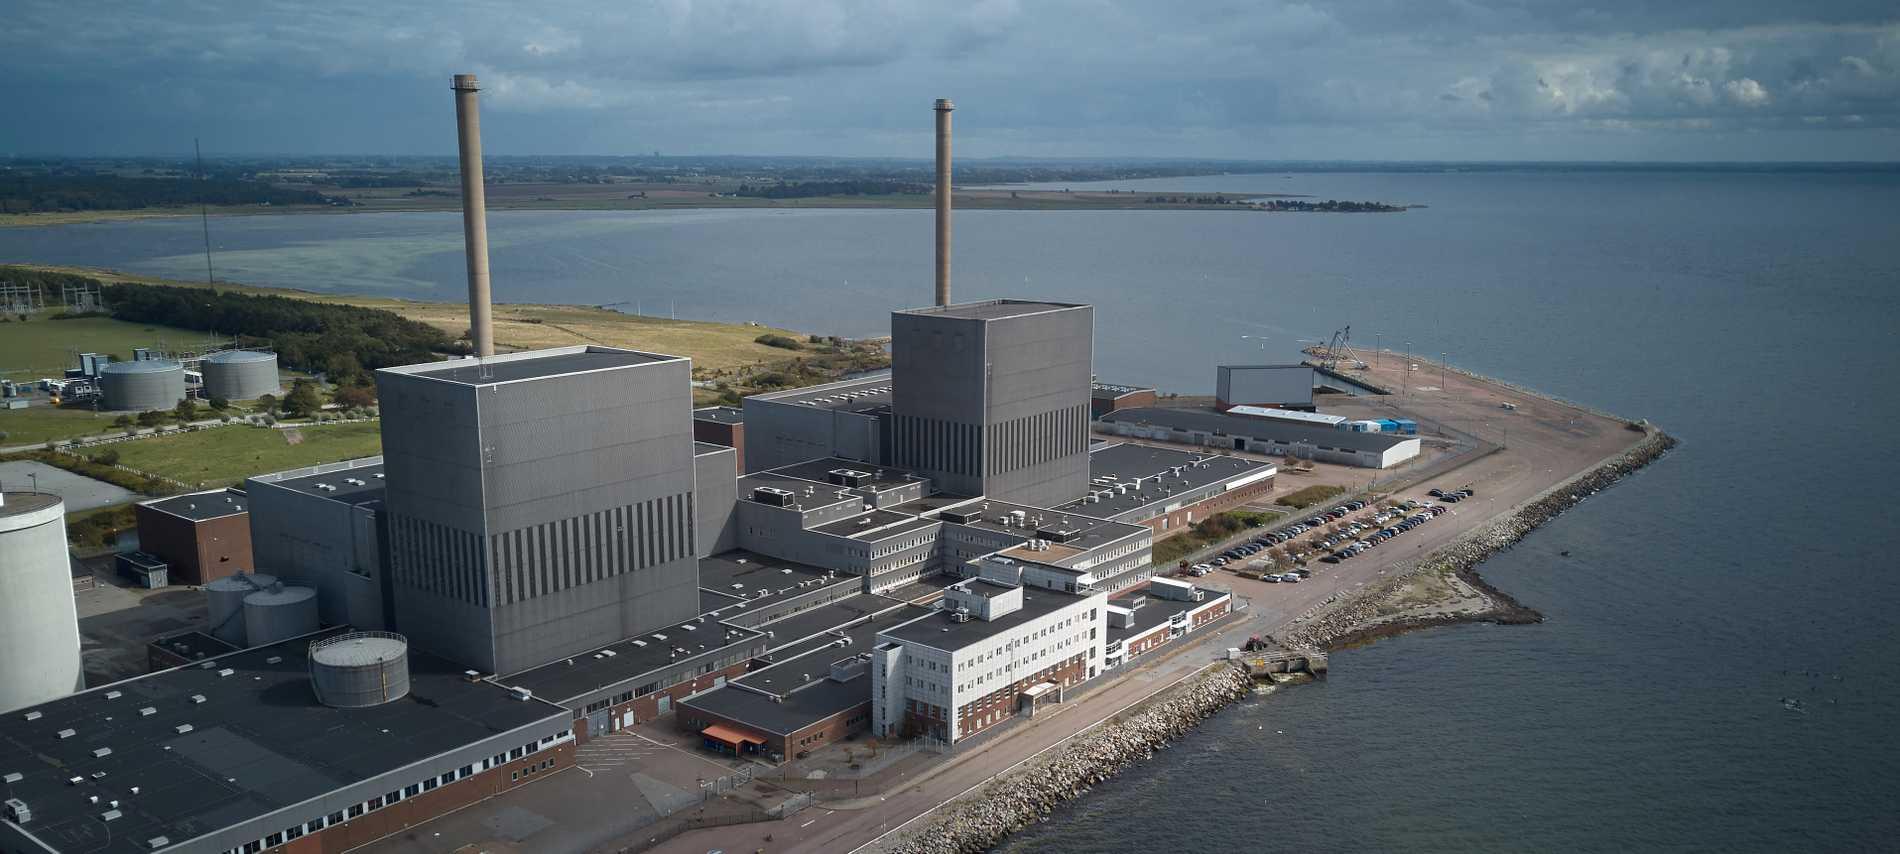 Barsebäck är redan stängt. Nu måste Sverige investera i en framtid utan kärnkraft.